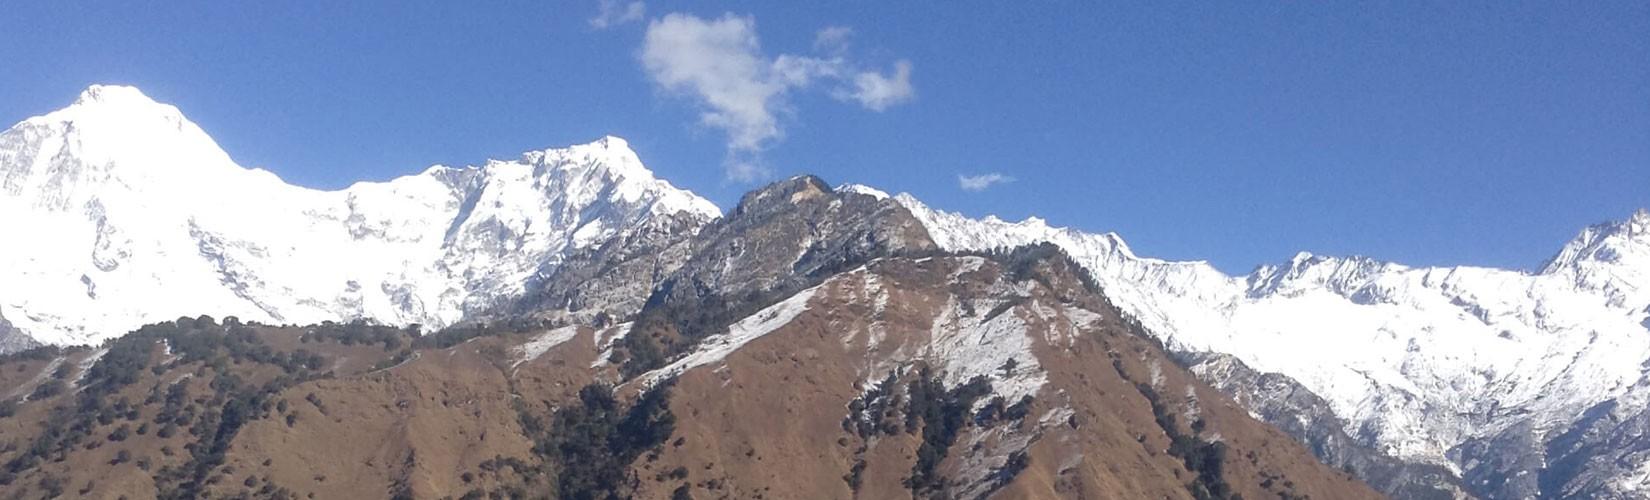 Ganesh himal Sing-La pass Trekking